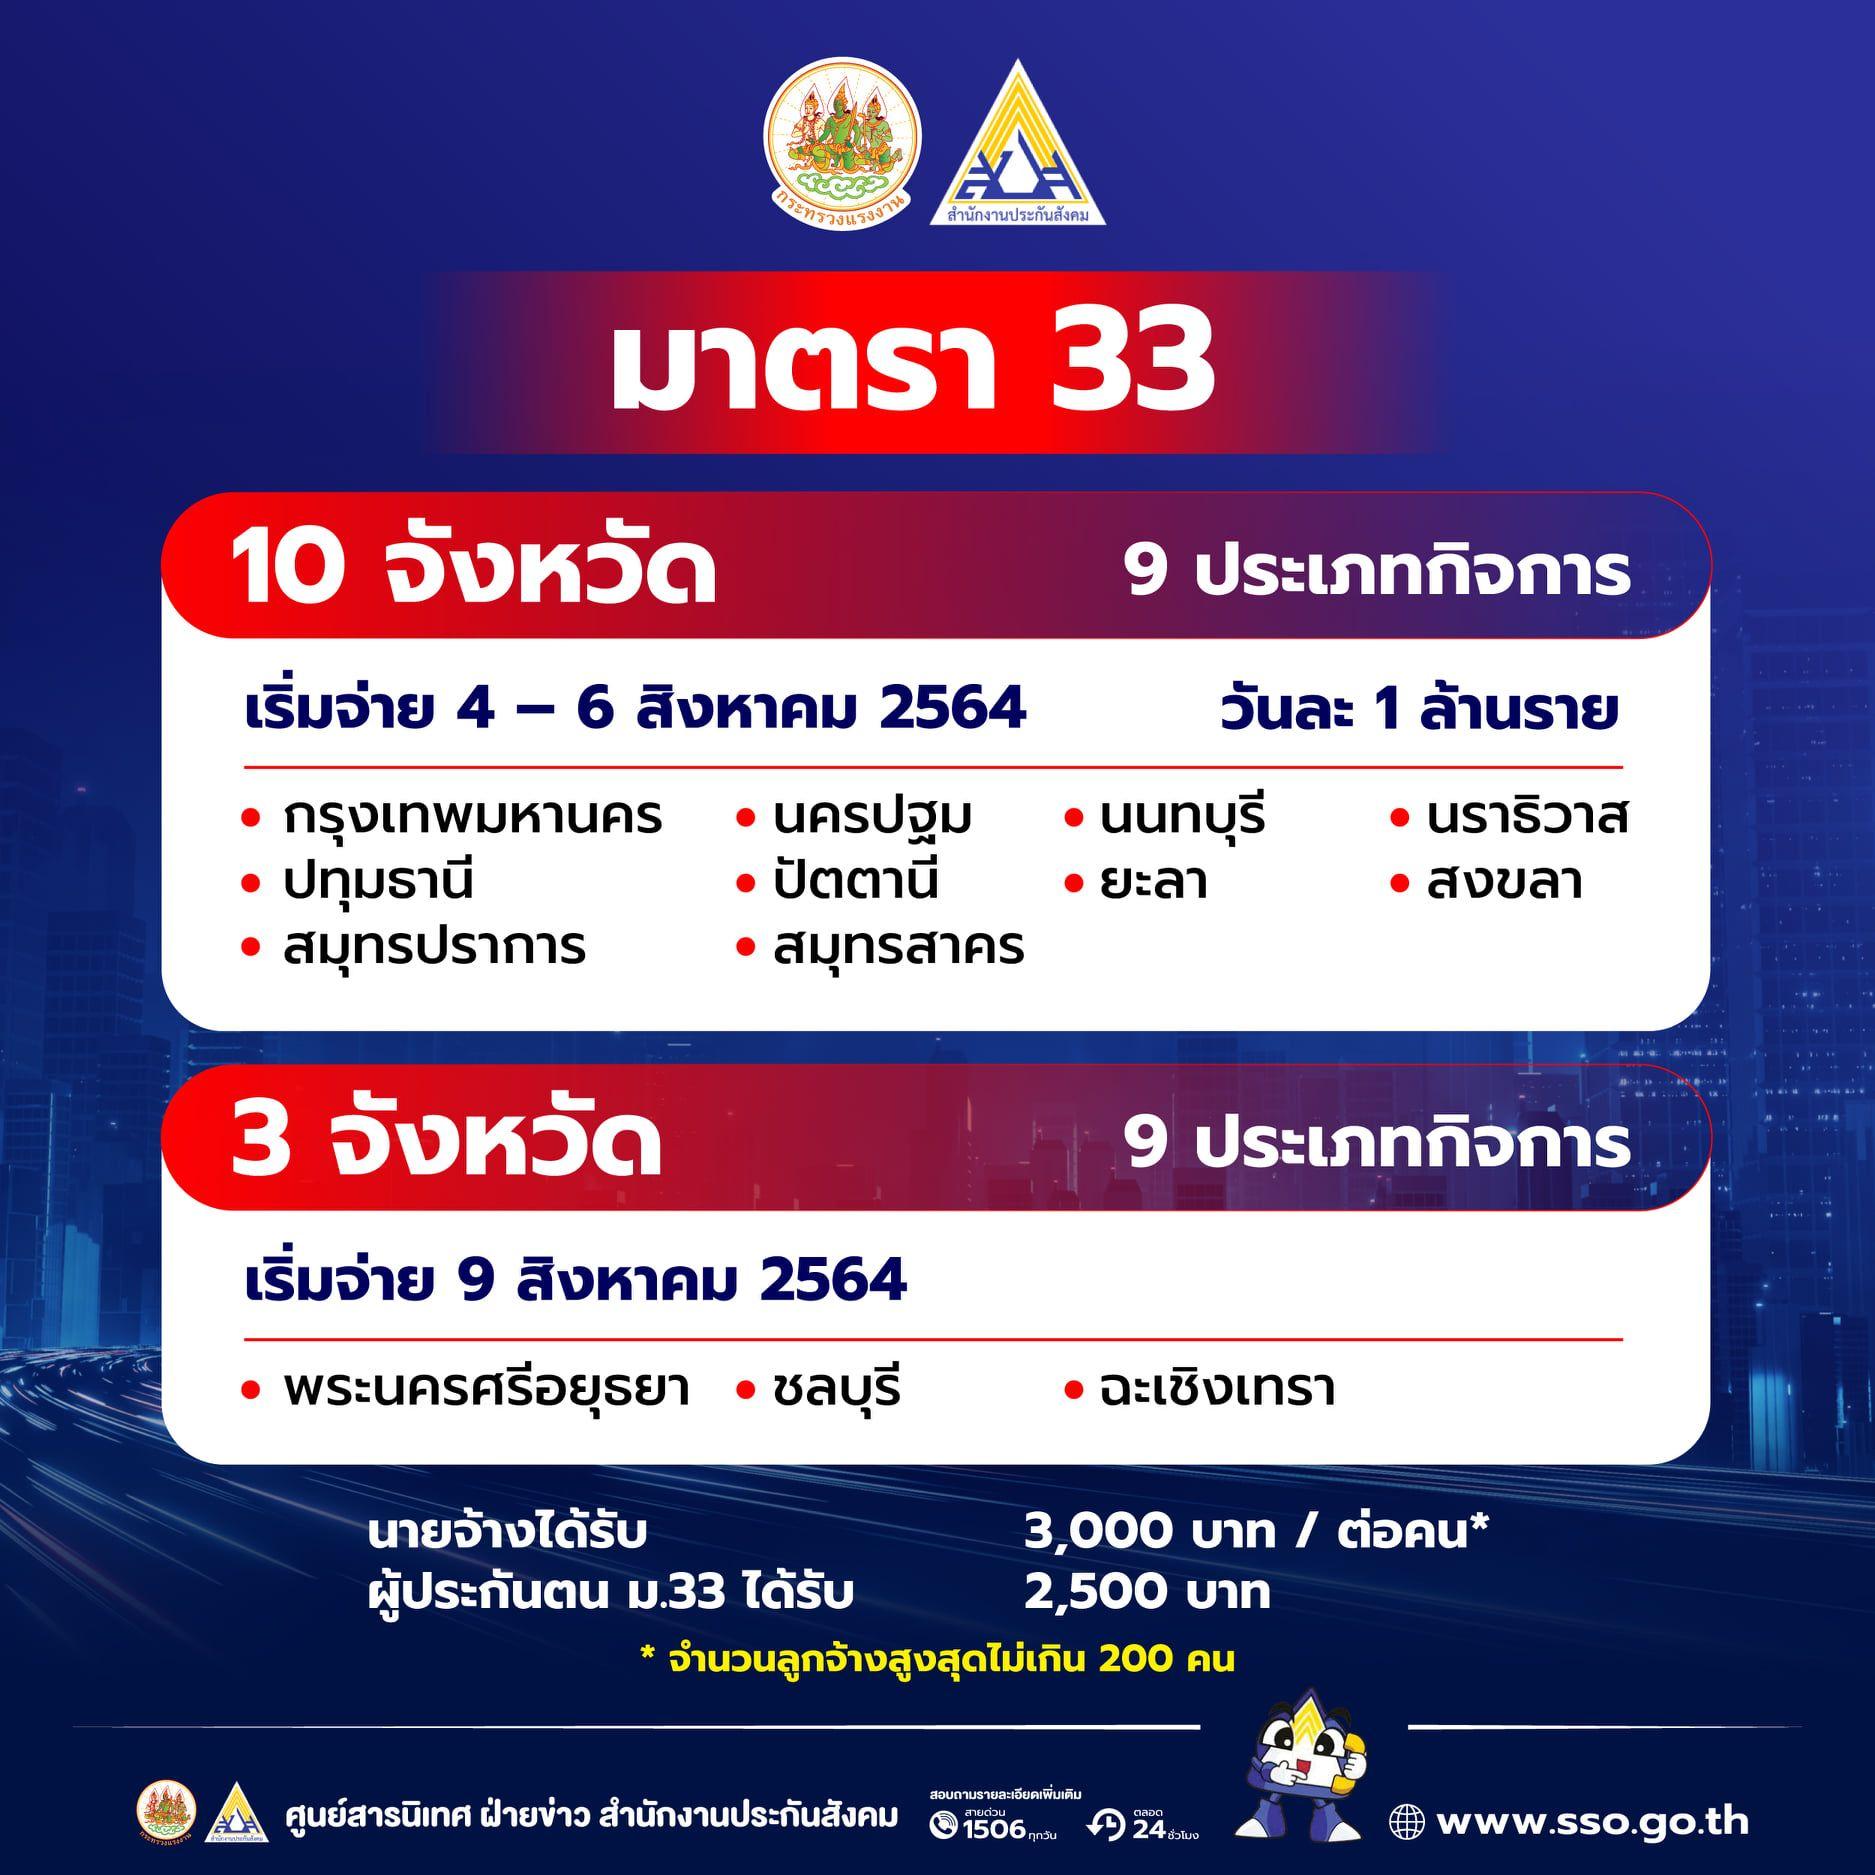 เงินเยียวยาประกันสังคม ม.33 เพิ่มเติม